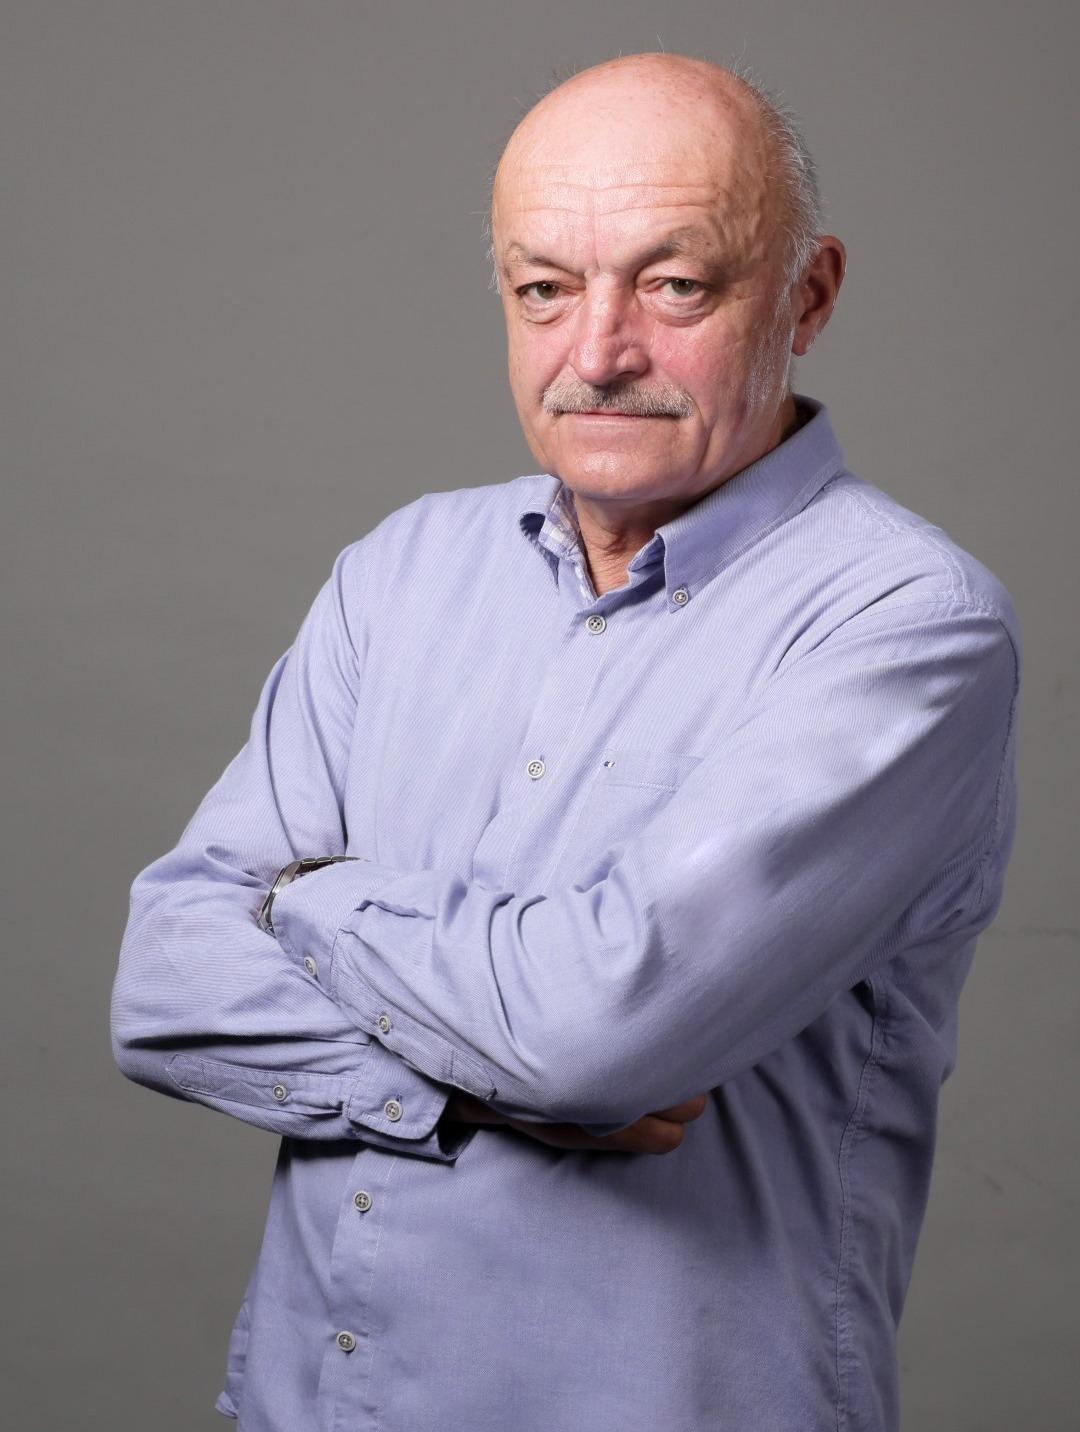 Daniel Januchowski